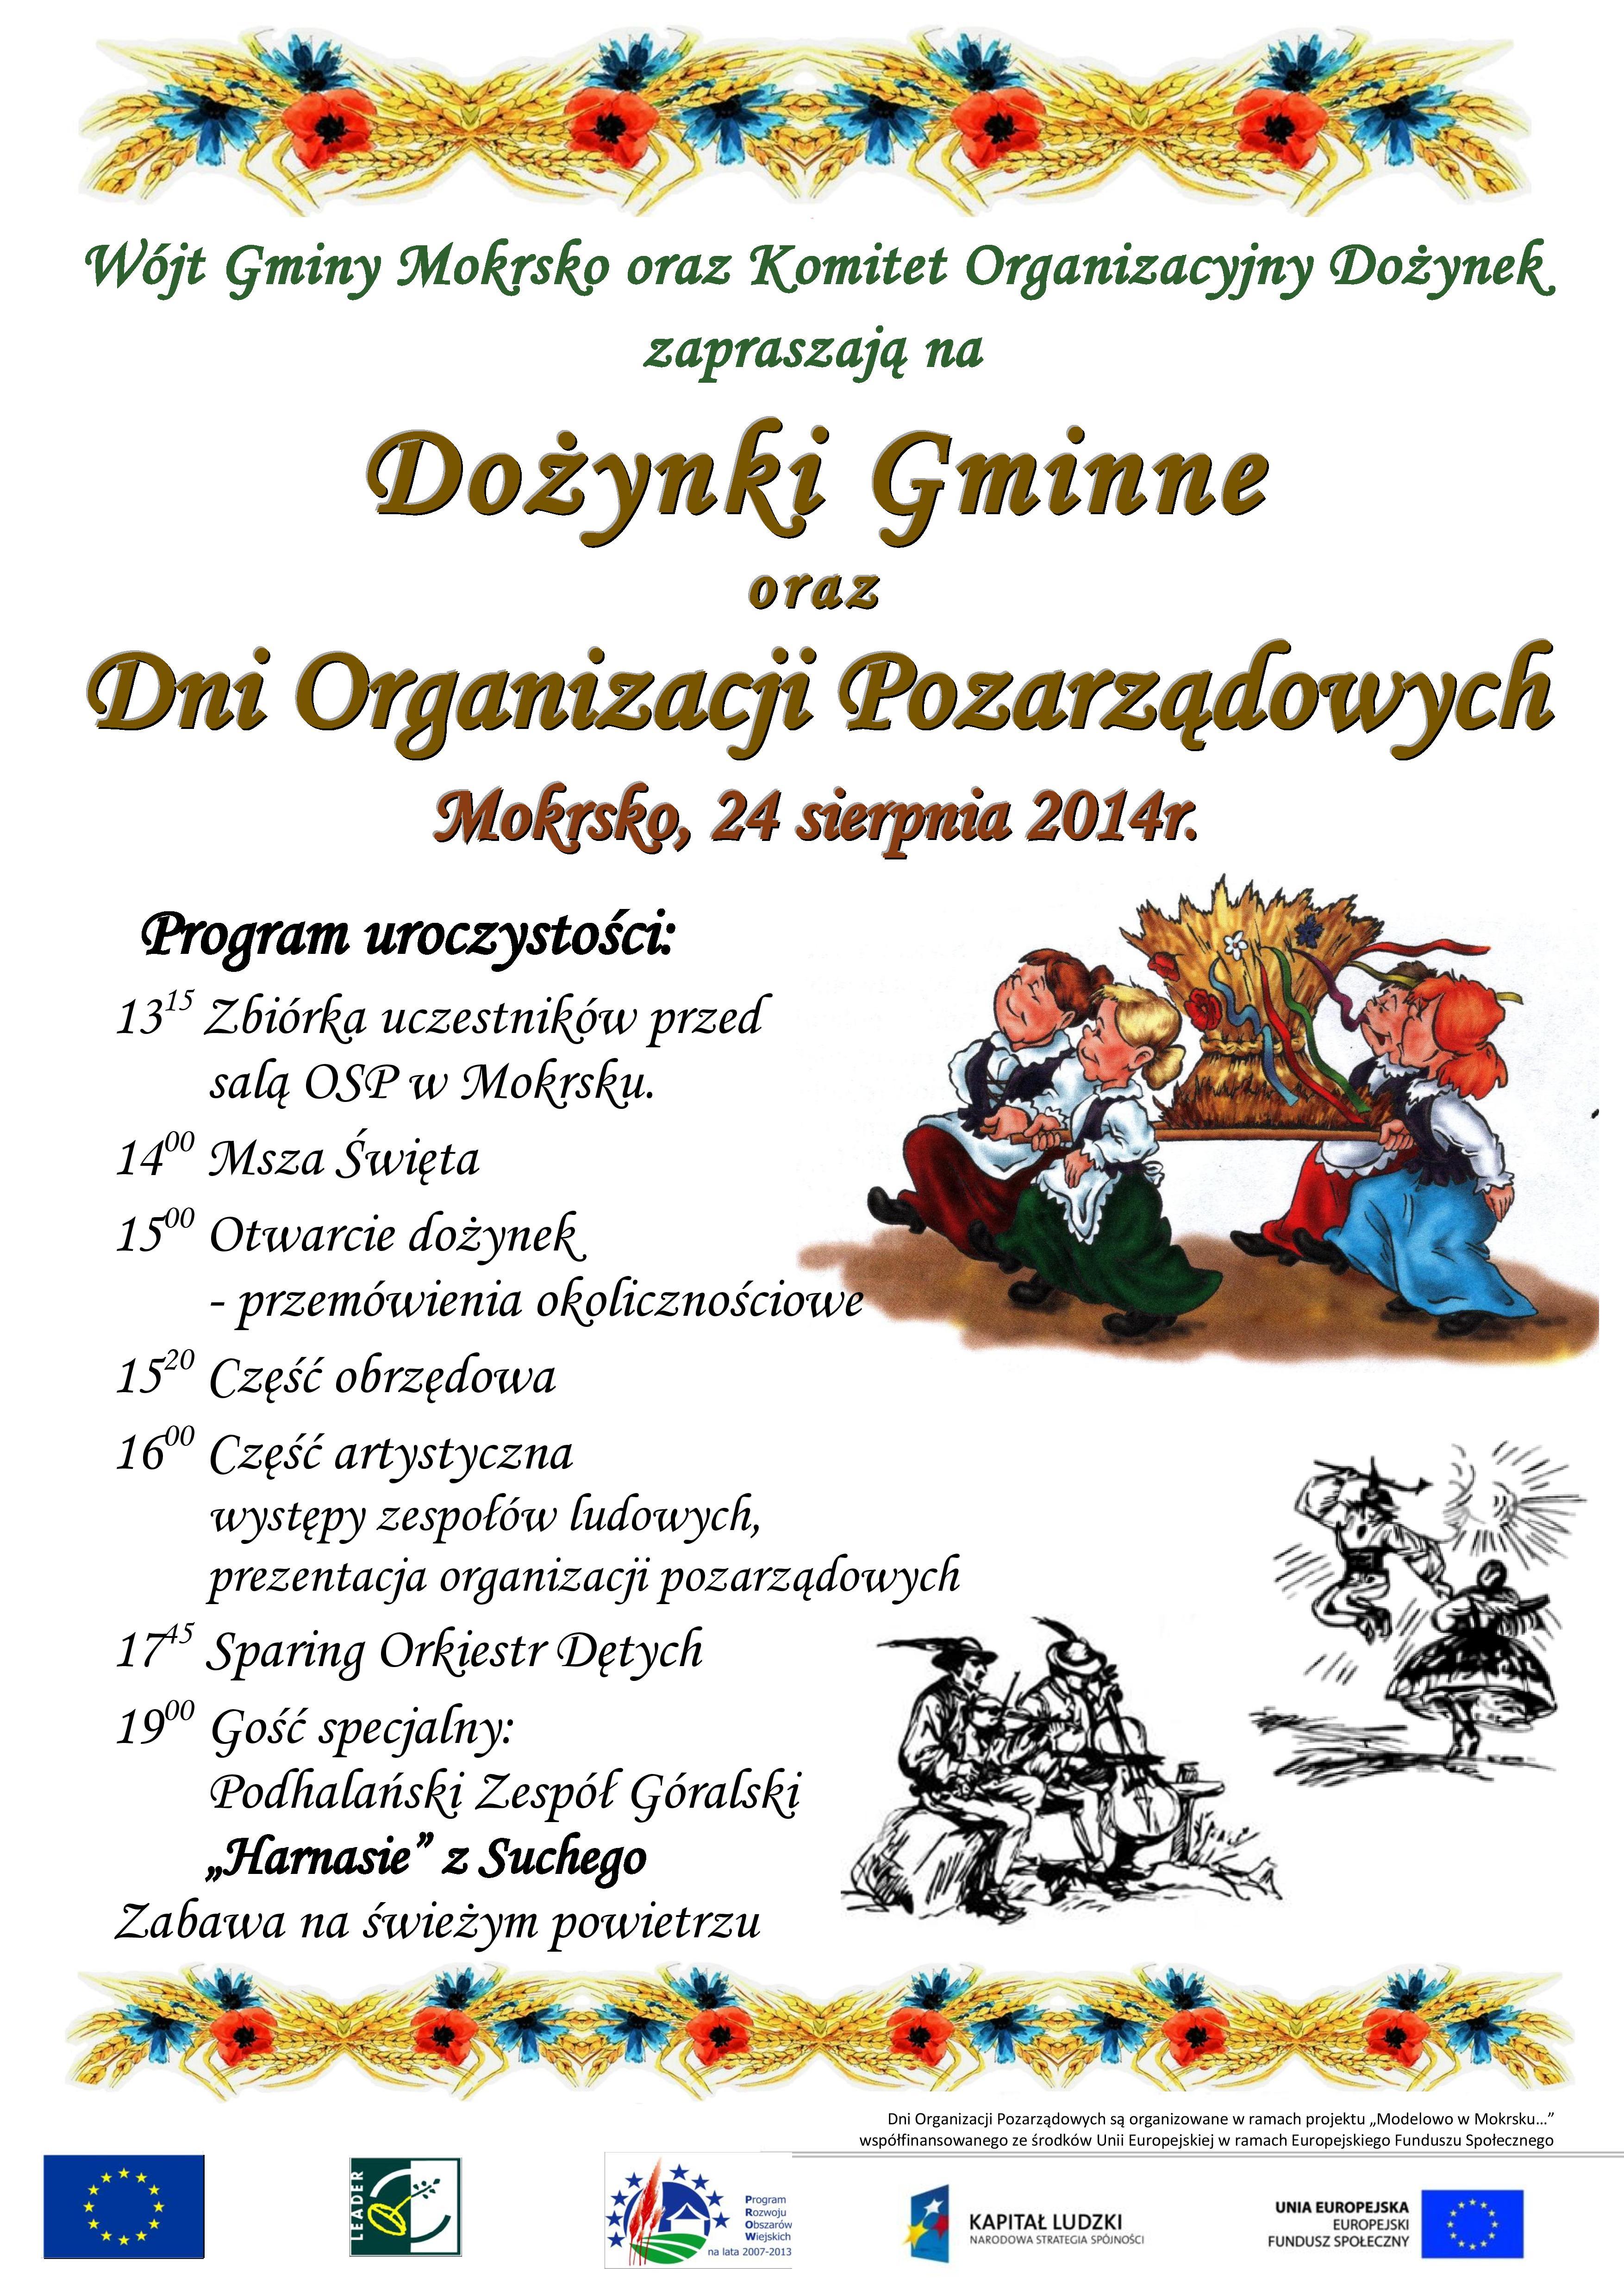 Zaproszenie na Dożynki Gminne oraz Dni Organizacji Pozarządowych